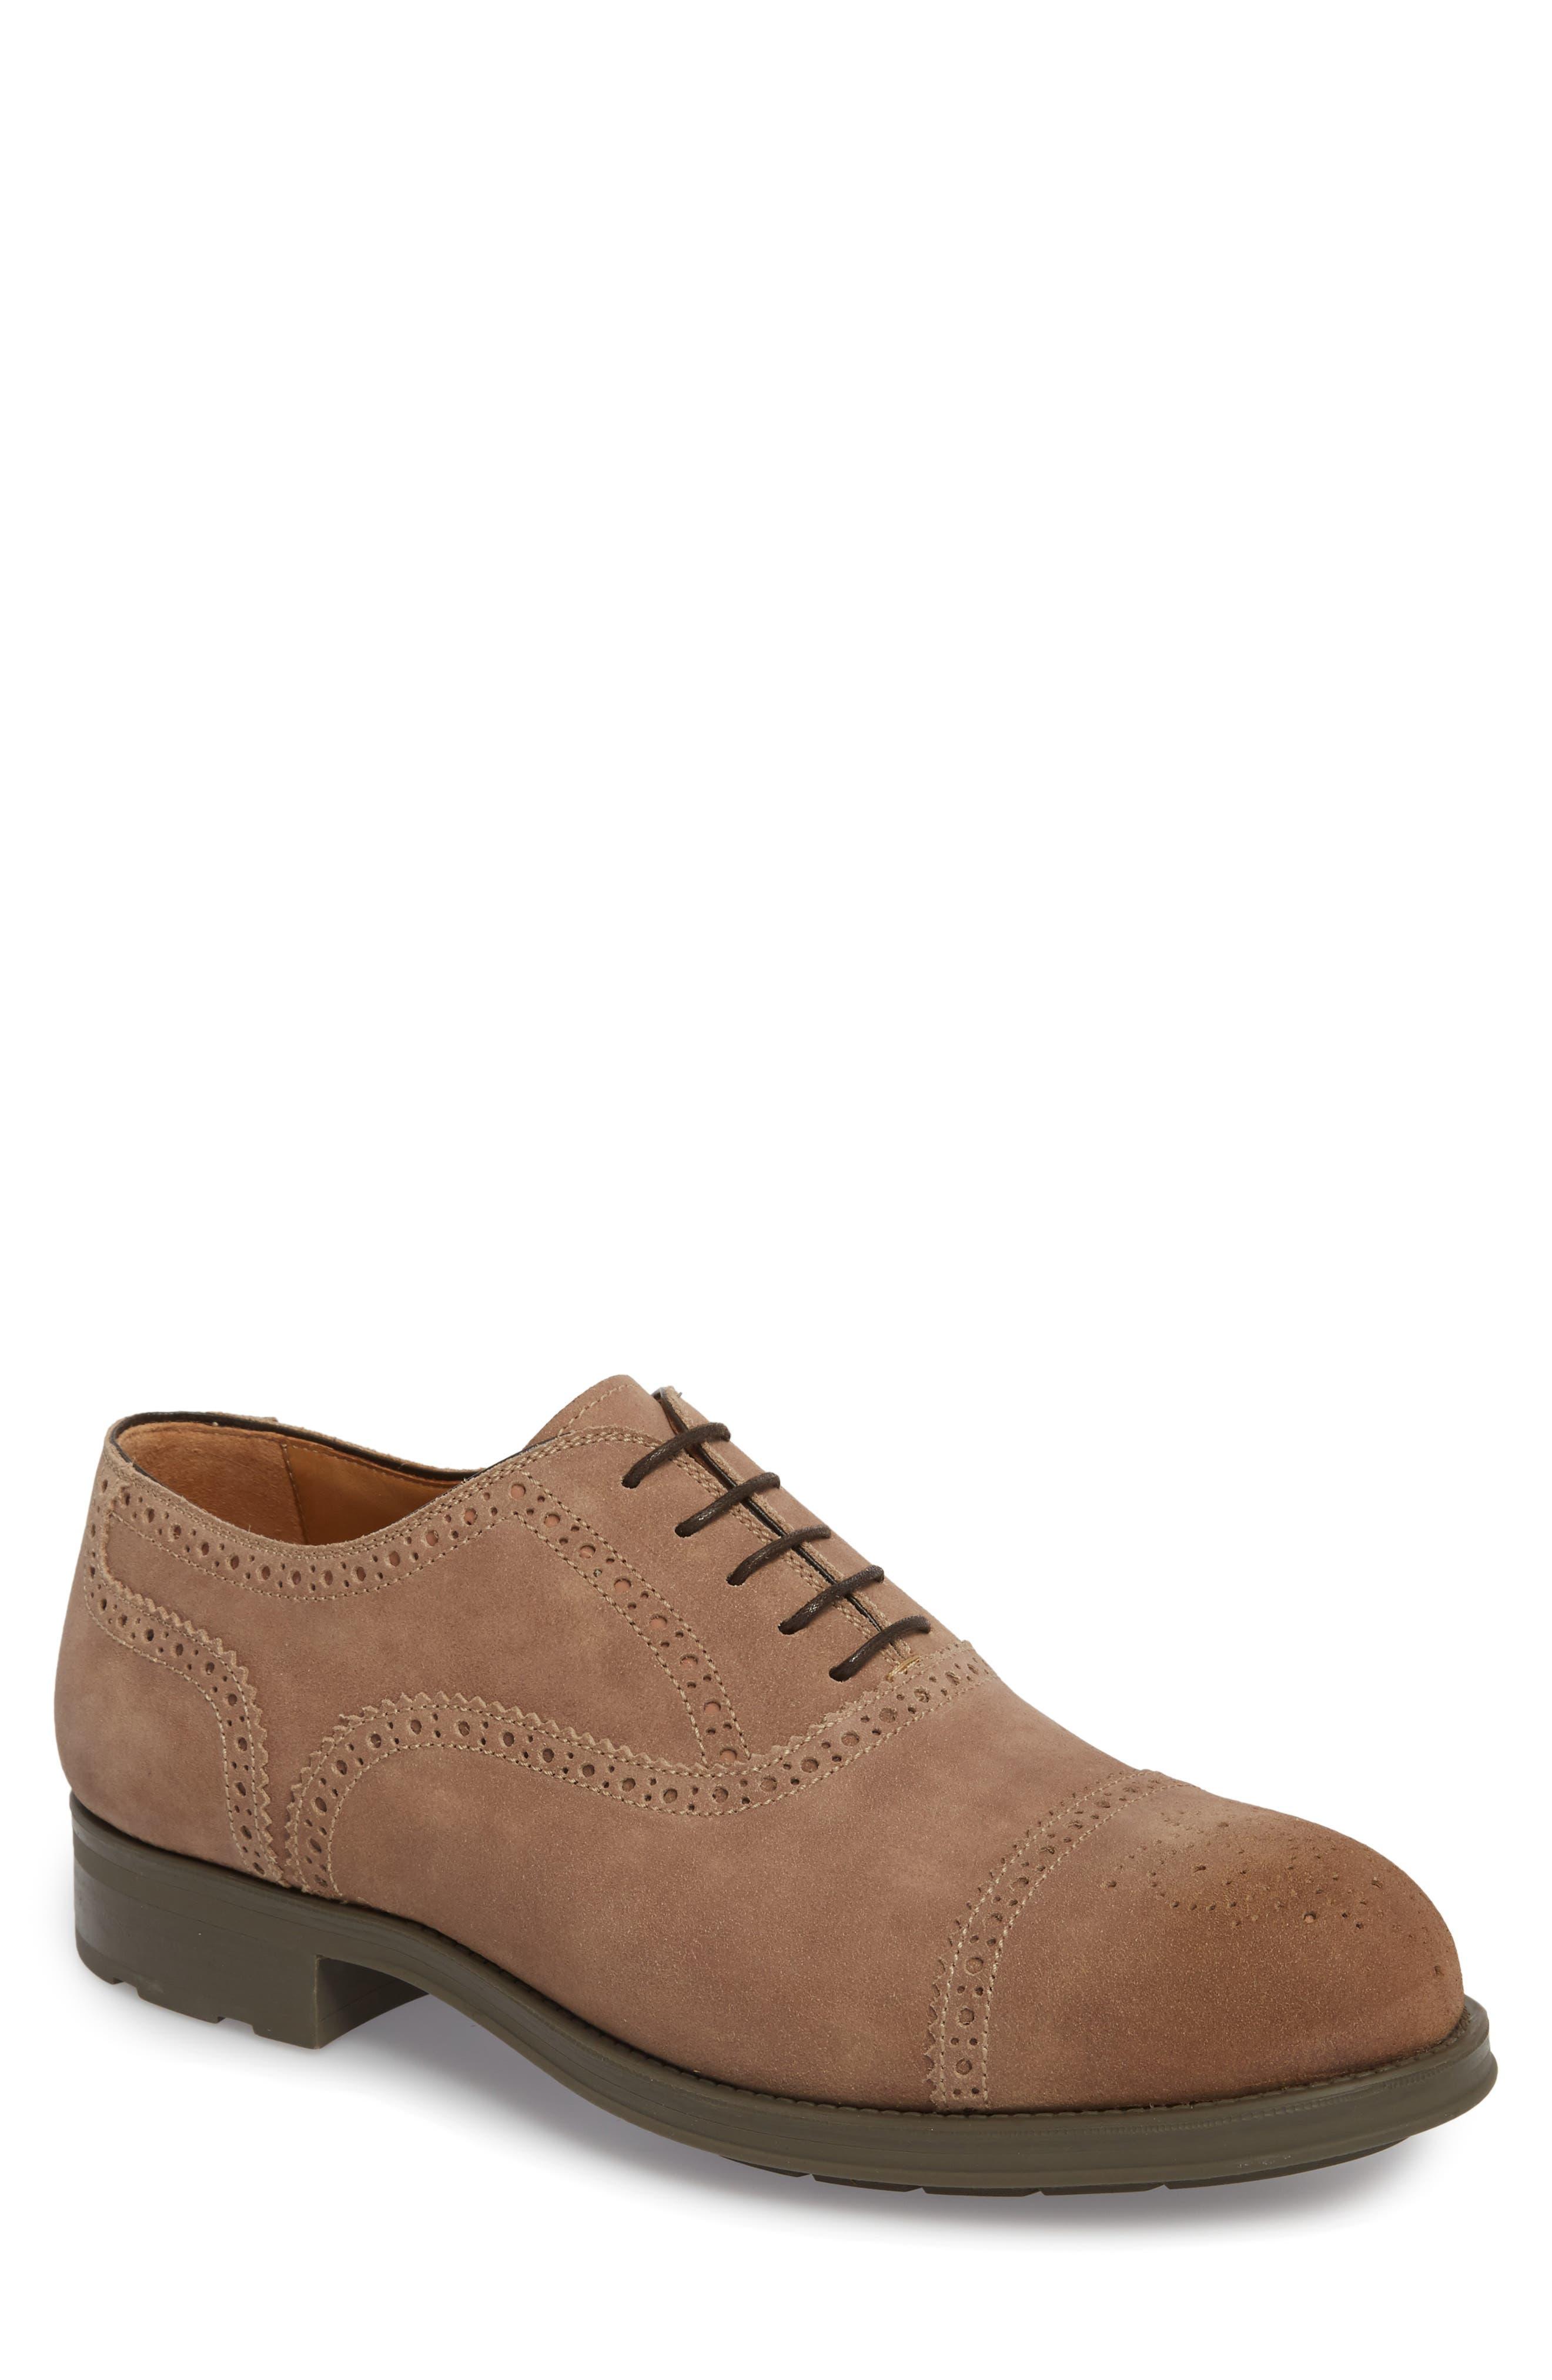 Winslo Cap Toe Oxford,                         Main,                         color, Khaki Leather